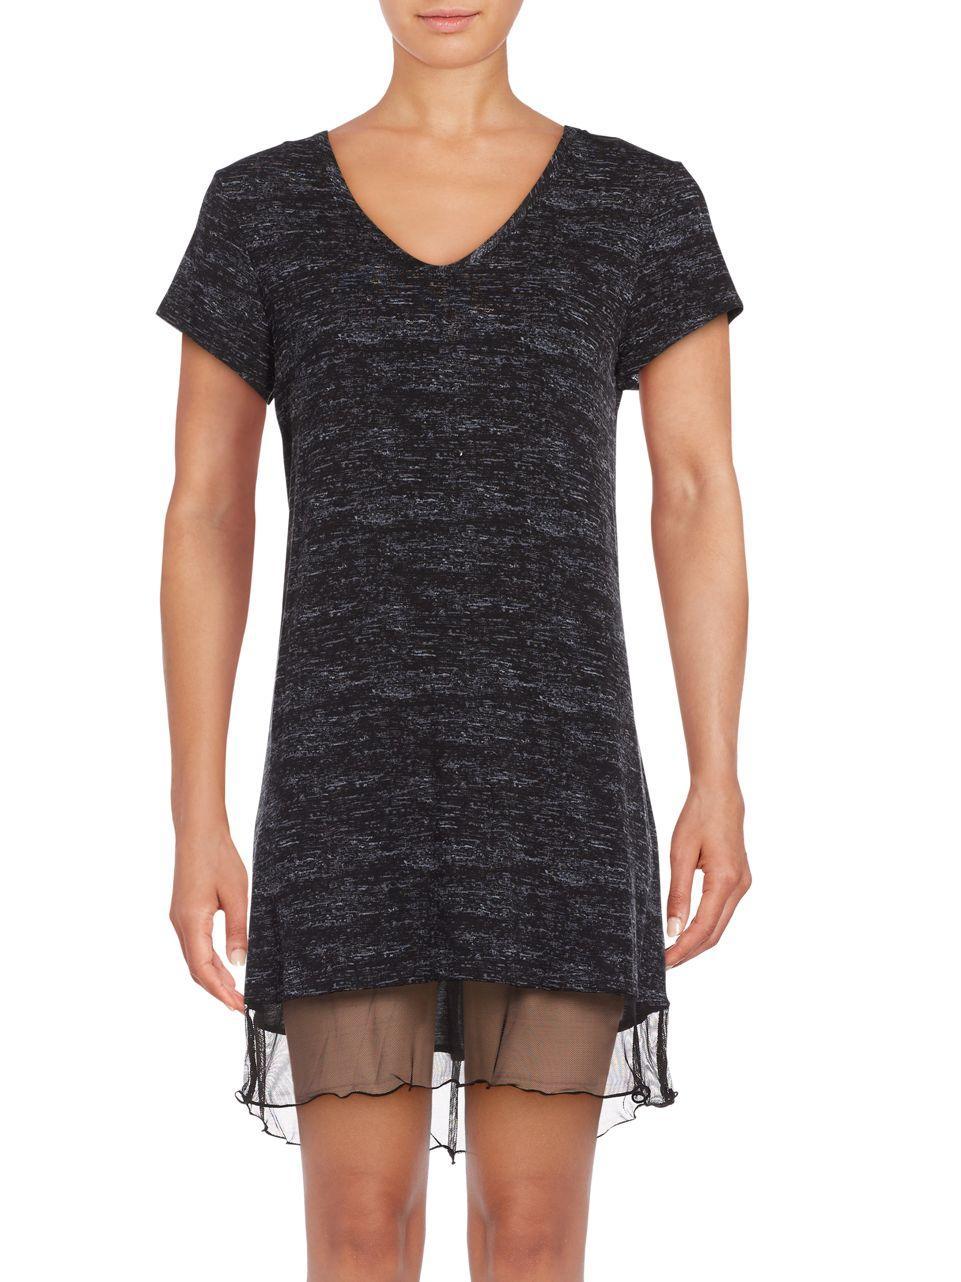 Lyst roudelain cap sleeve jersey knit sleep dress in black for Jersey knit wedding dress